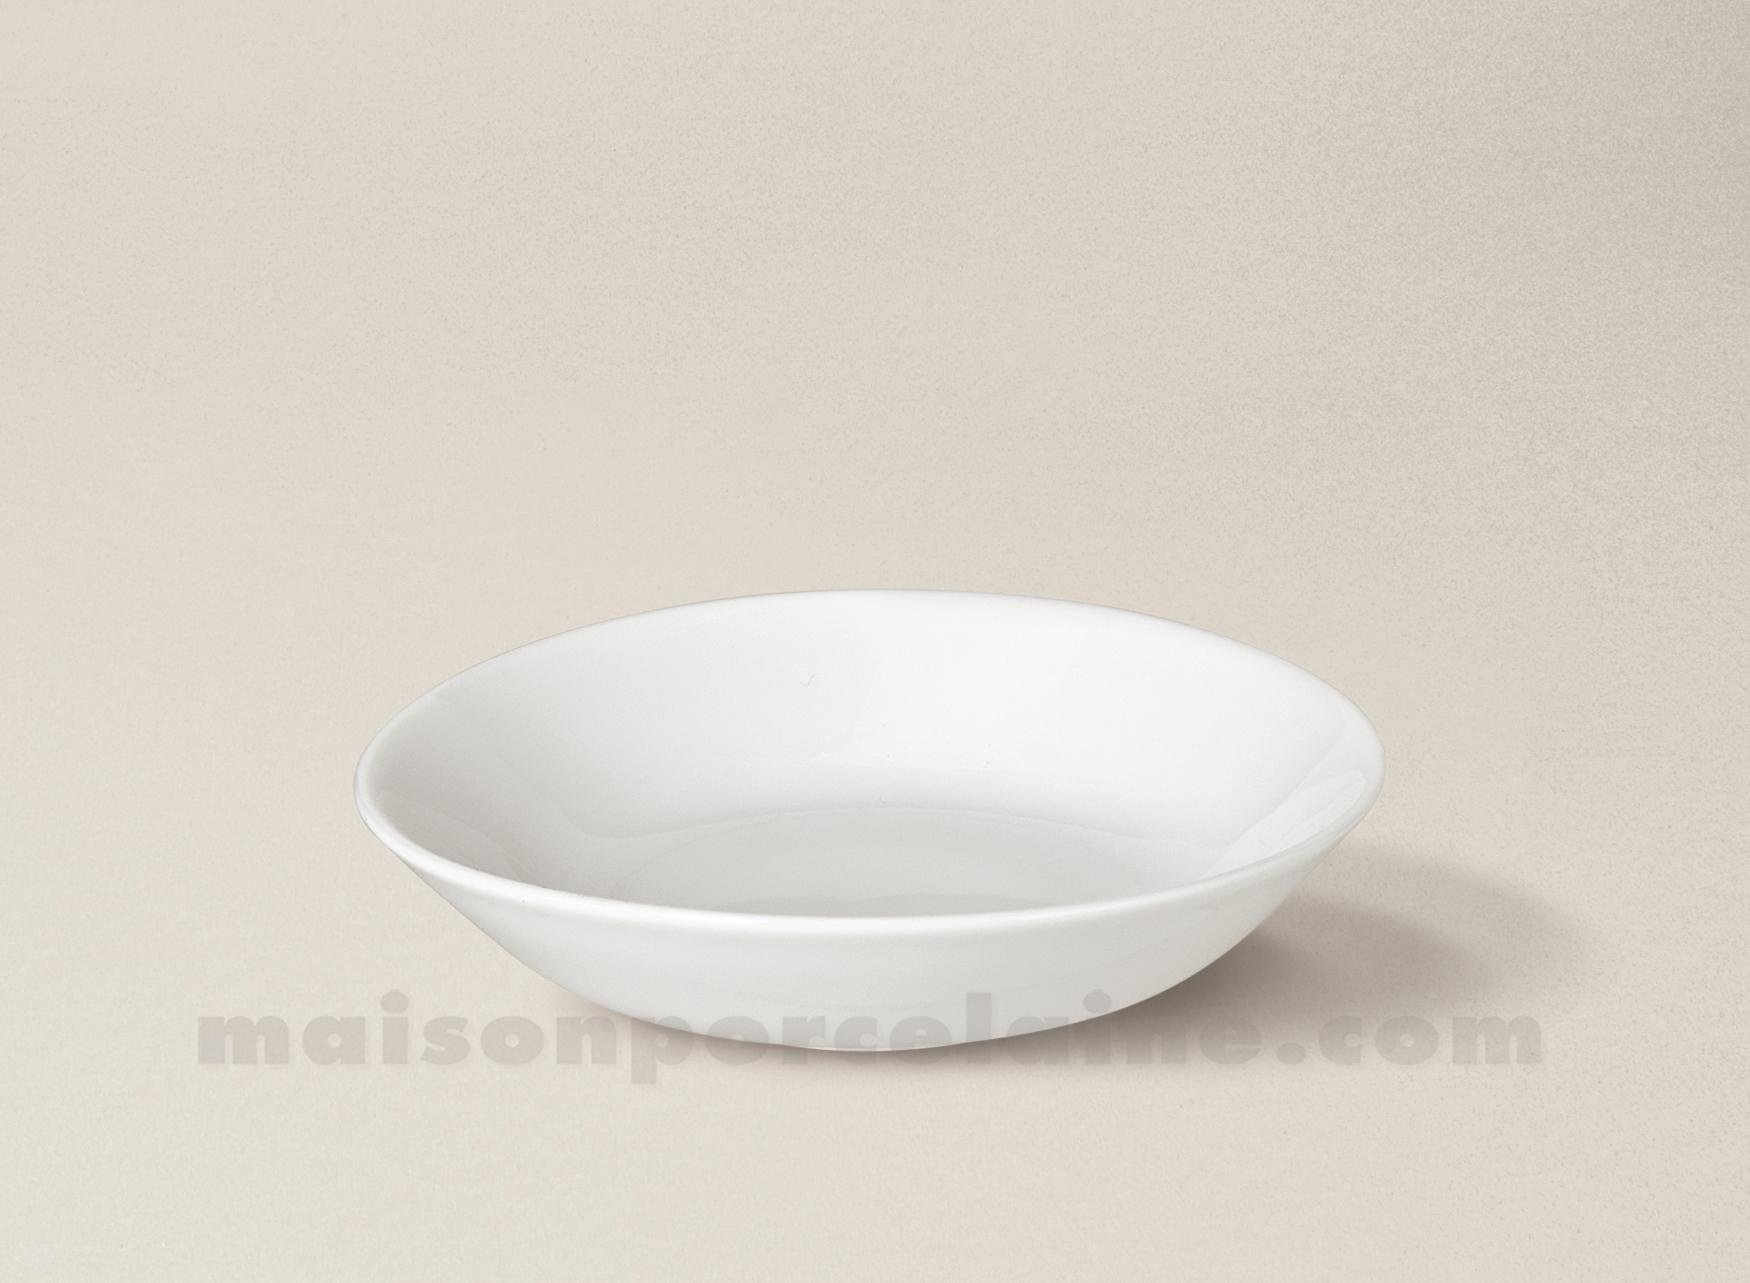 coupelle porcelaine blanche limoges orient 10x2 5 maison de la porcelaine. Black Bedroom Furniture Sets. Home Design Ideas